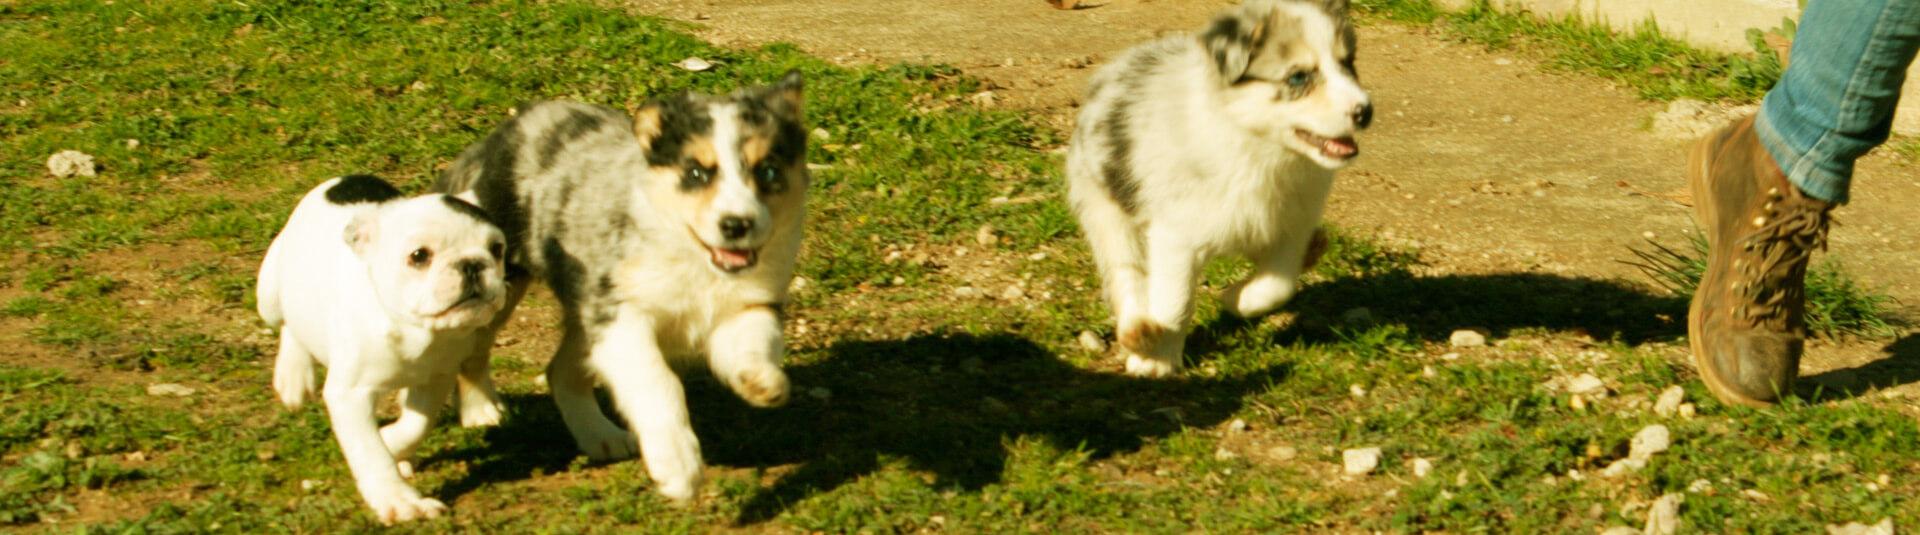 Criadero de perros en Madrid